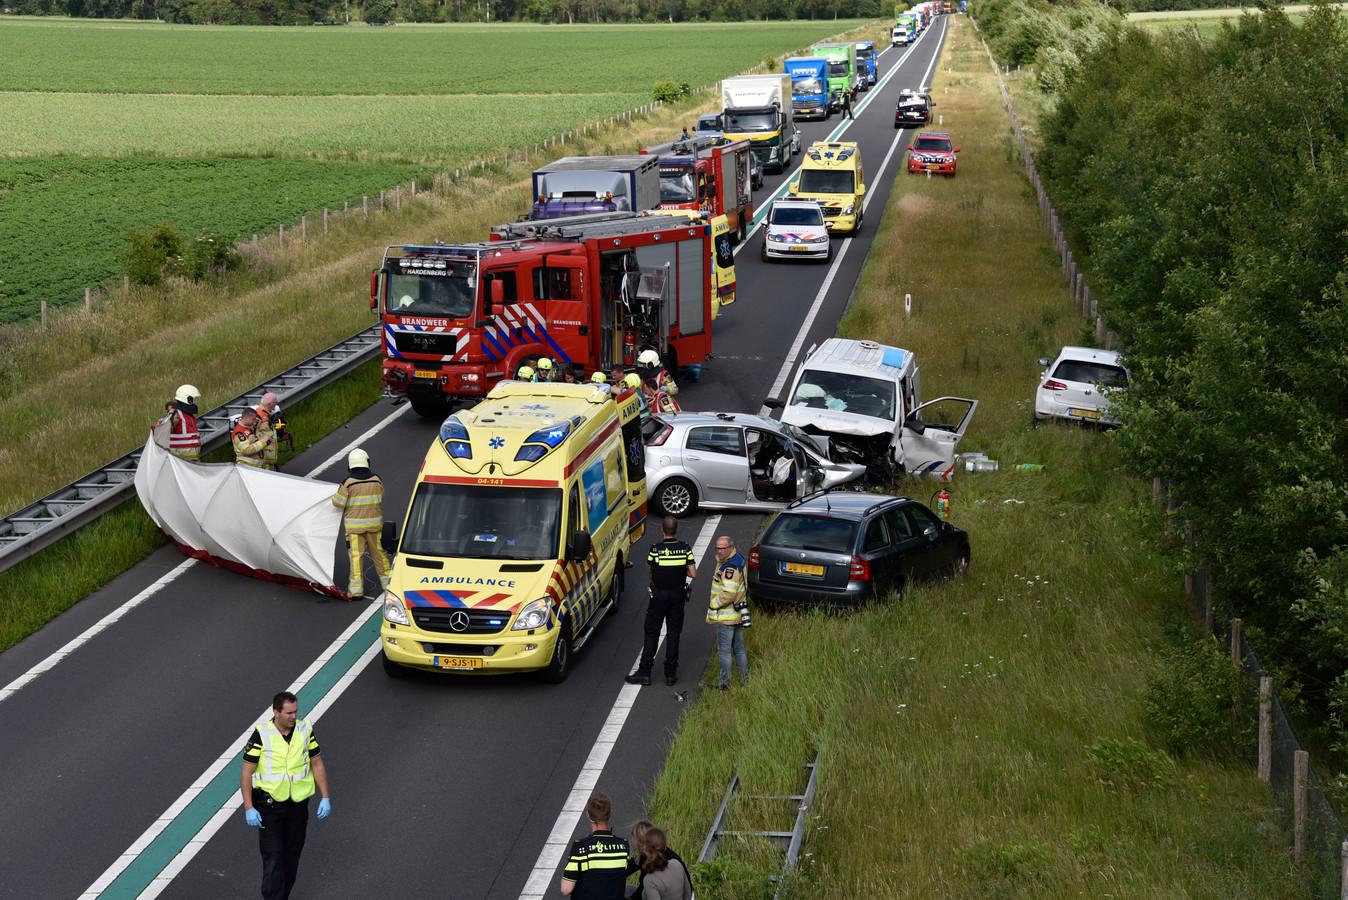 Op de N36 bij Stegeren is een ernstig ongeluk gebeurd. De weg is afgesloten.